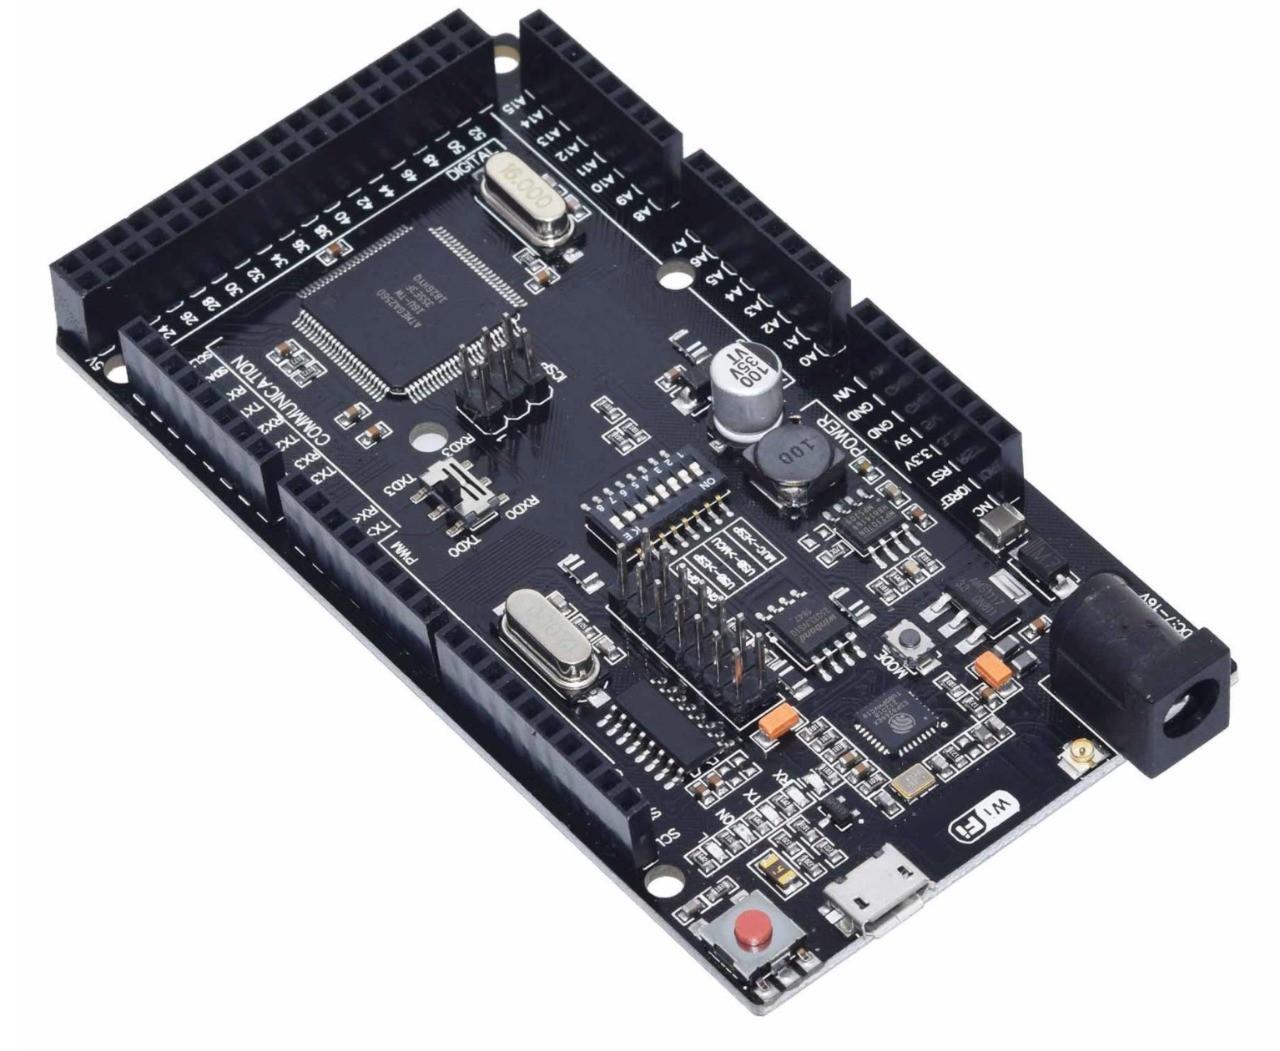 Placa Mega 2560 R3 Wifi ATmega2560 + ESP8266 (Arduino Compatível)